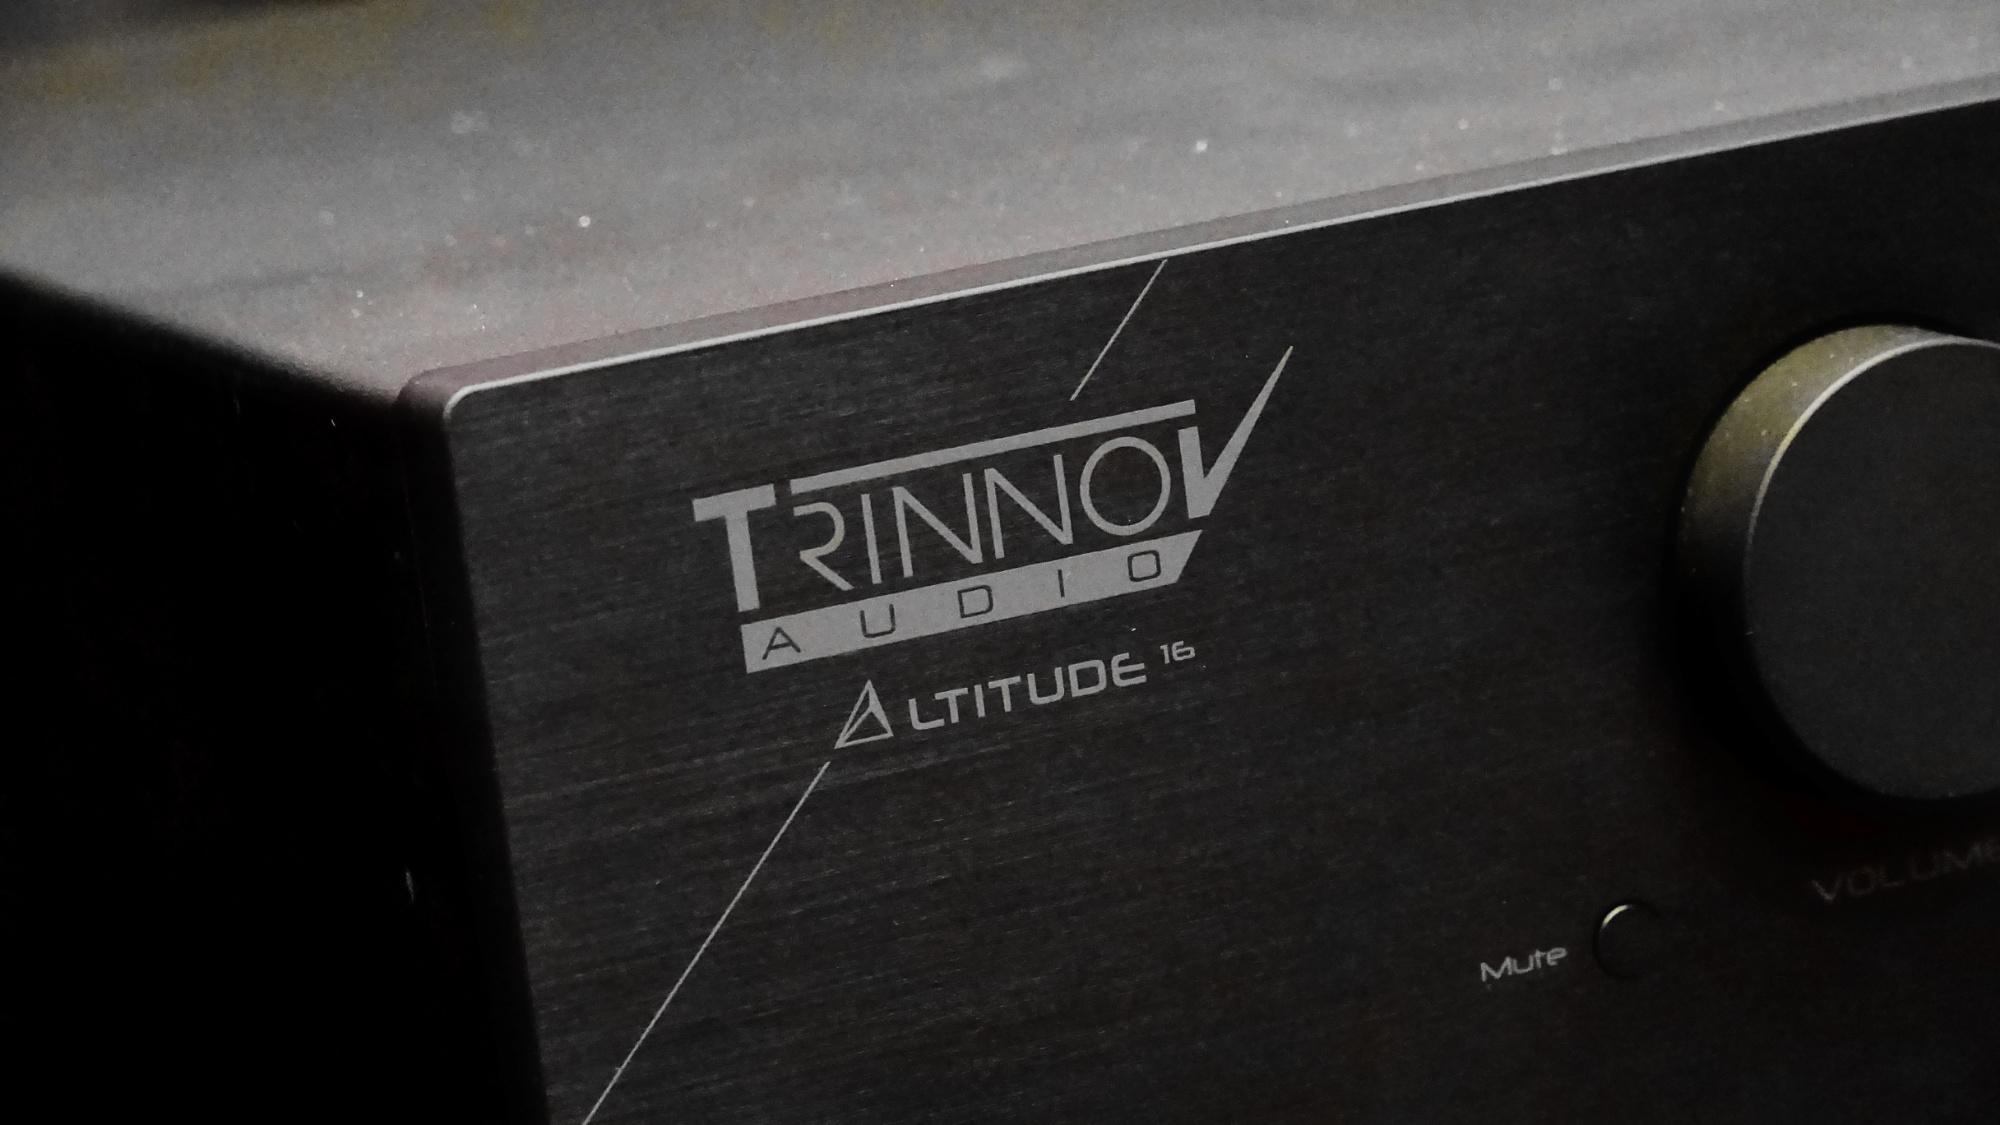 2018010819100153 - 现场 | 米乐影音携Trinnov Audio最新Altitude 16声道处理前级,亮相中国影音嘉年华!